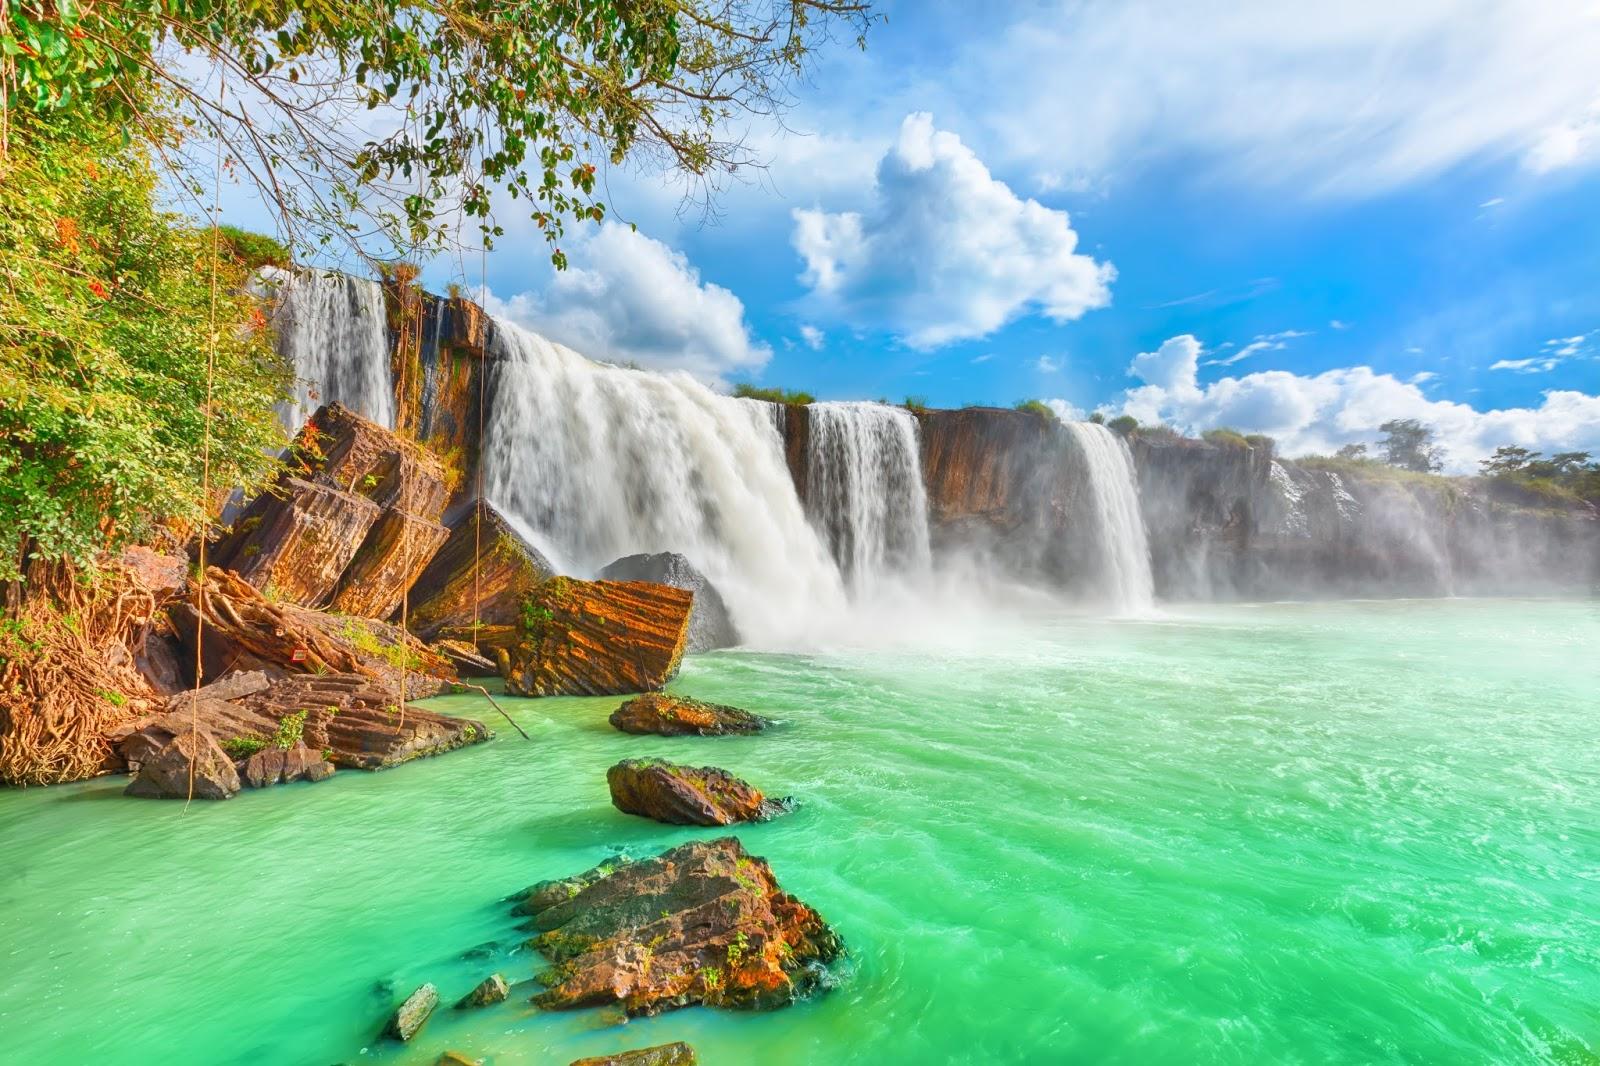 Thư viện đồ họa » Hình ảnh » Hình ảnh Phong cảnh » 25 Hình ảnh phong cảnh Việt Nam đẹp chất lượng cao